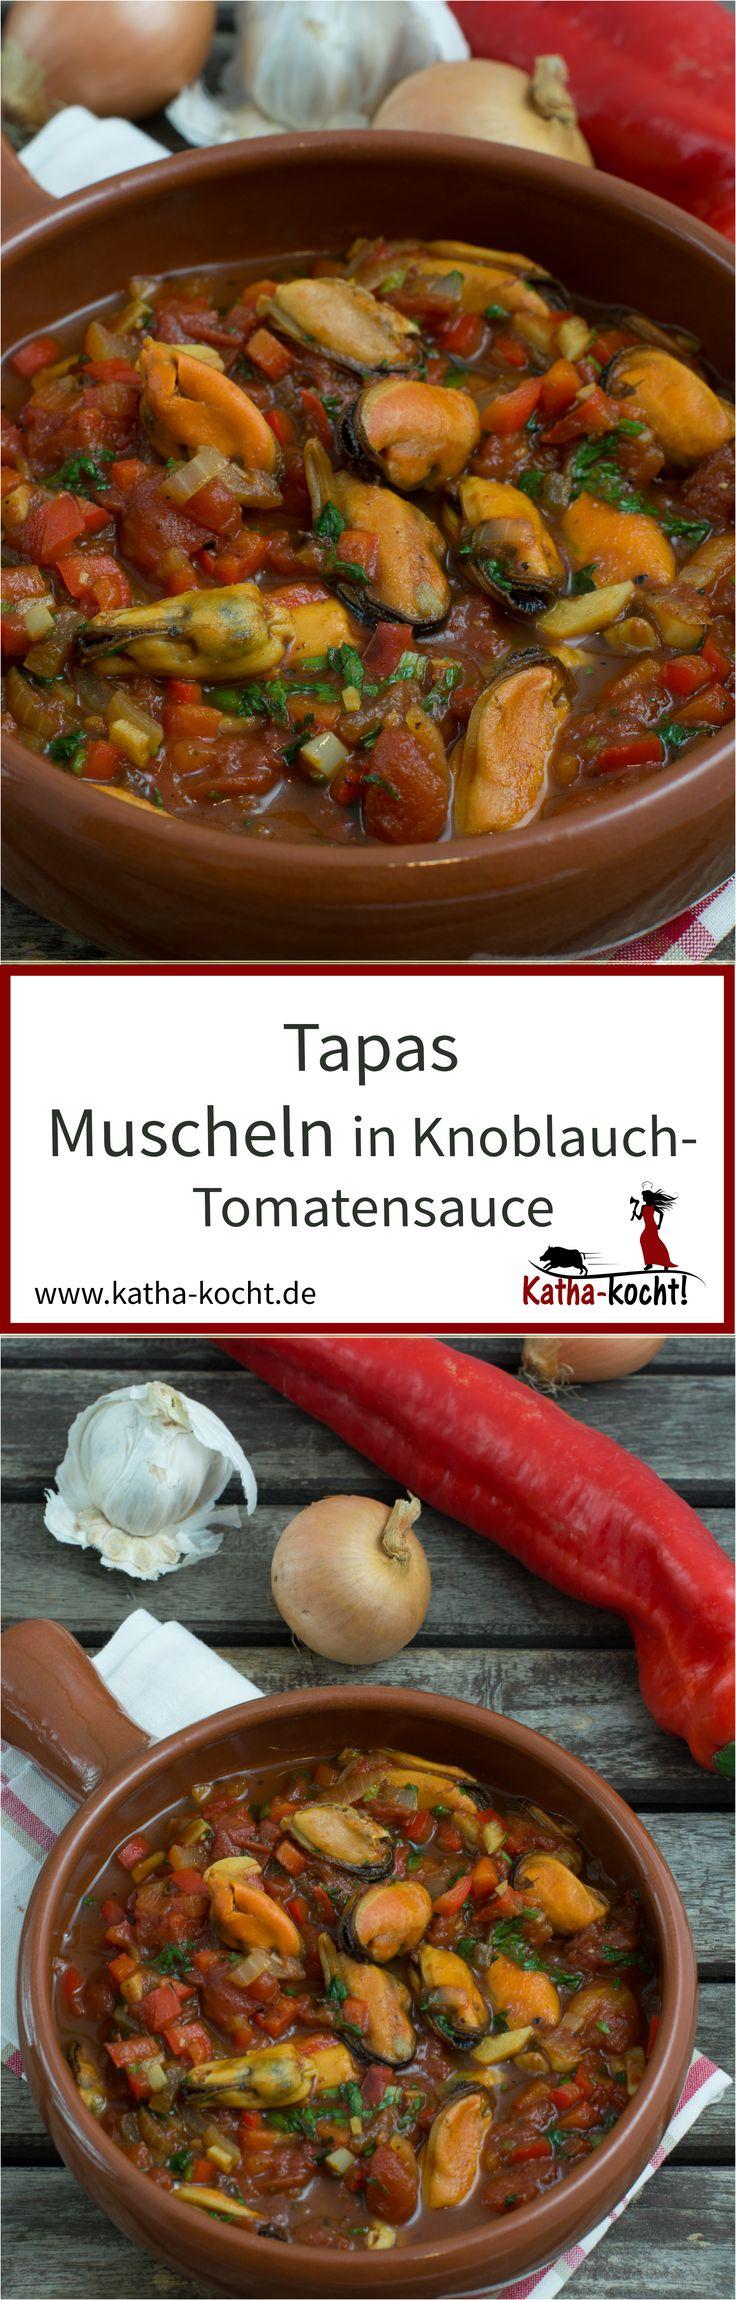 Miesmuscheln in Knoblauch-Tomaten-Sauce sind einfach tolle Tapas – sie sind frisch, mit …   – Katha-kocht! – Alle Rezepte